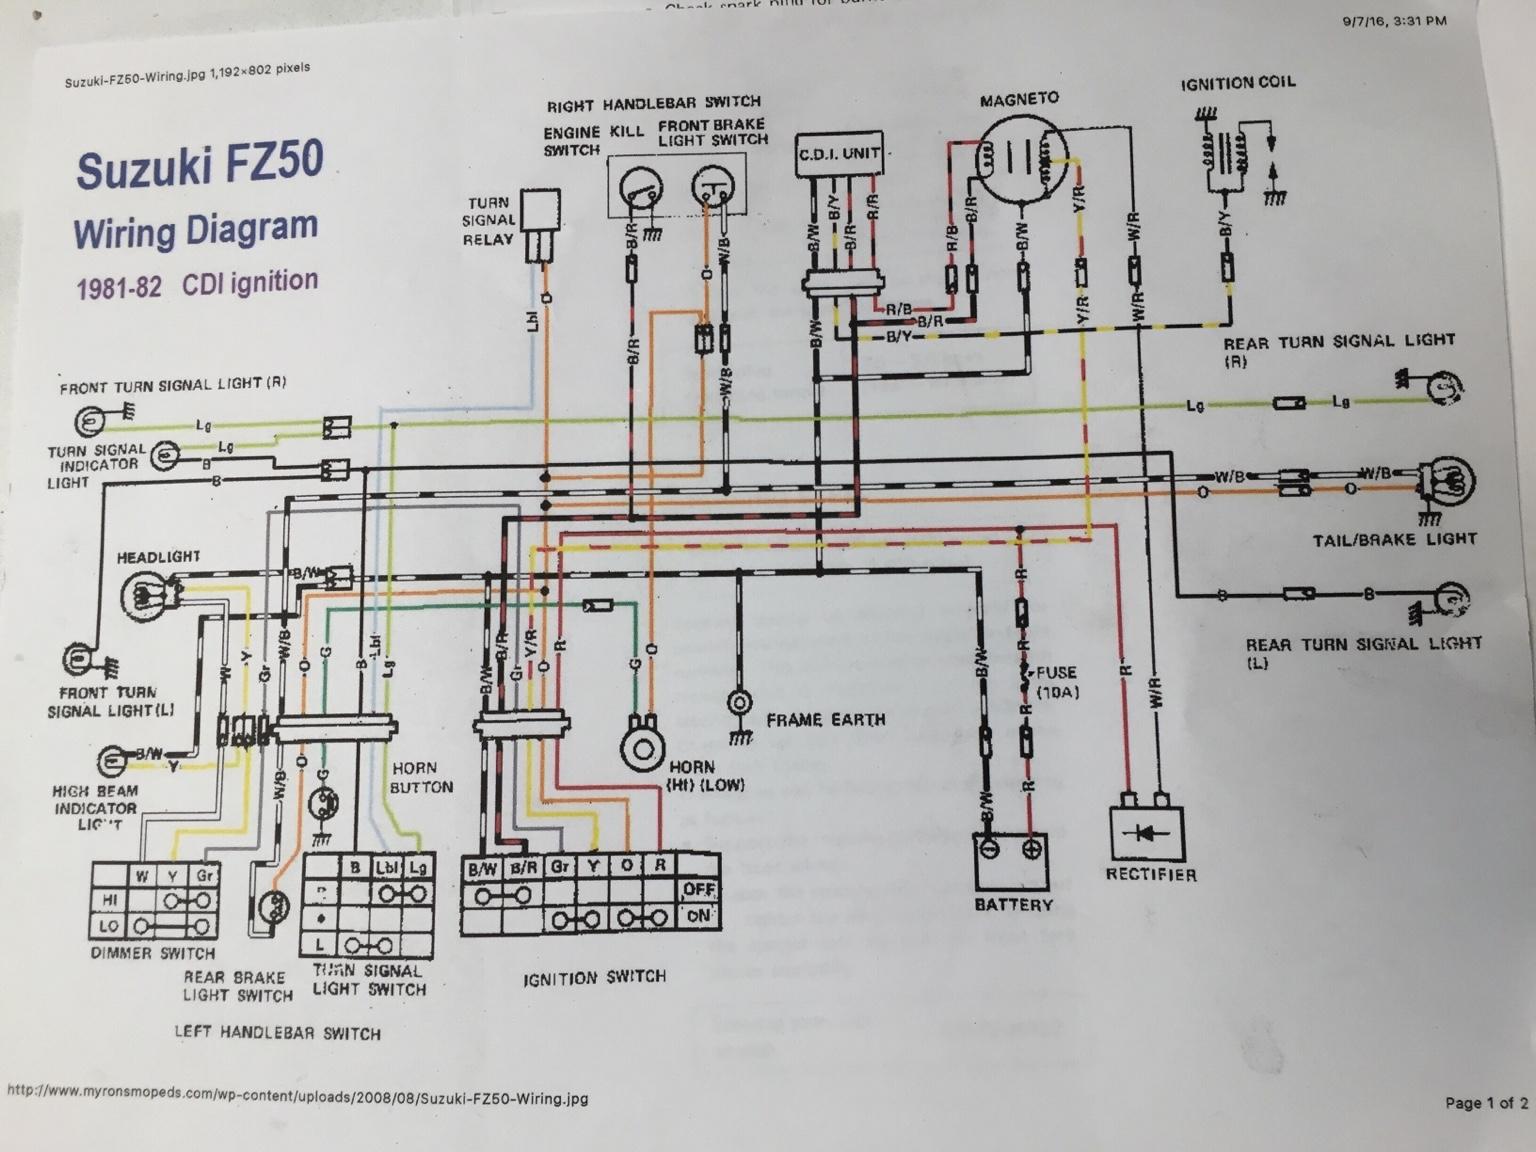 hight resolution of suzuki fz50 wiring diagram data diagram schematic 1980 suzuki fa50 wiring diagram